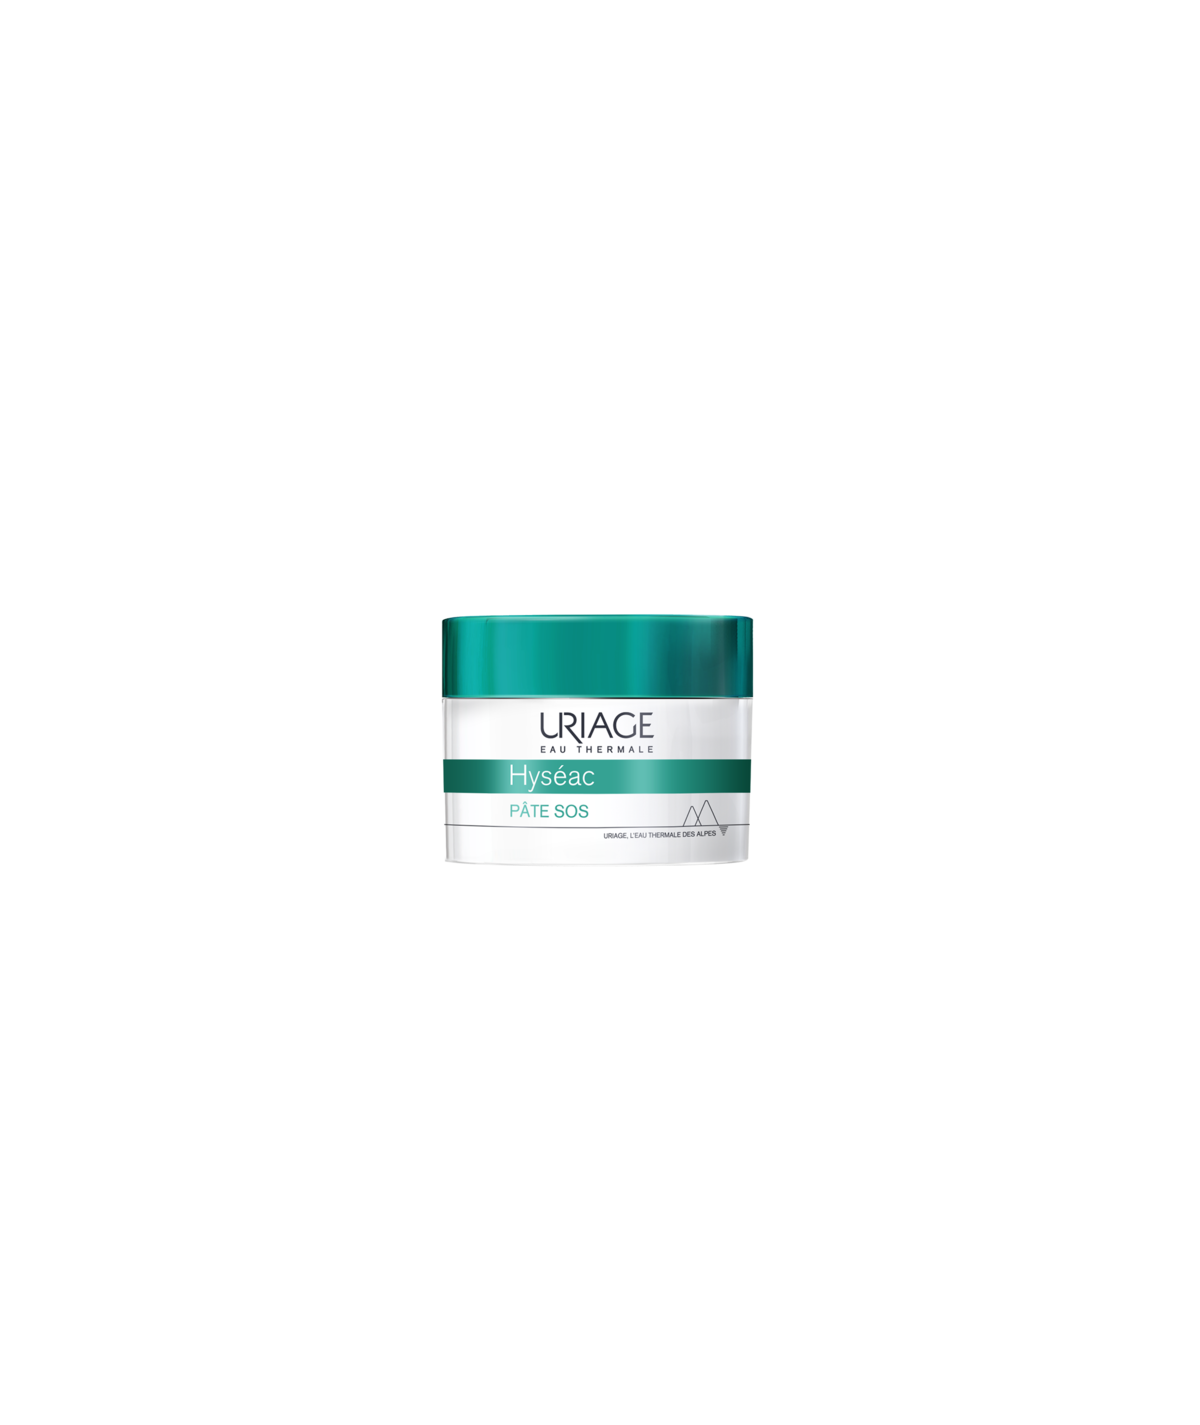 Uriage Hyseac Pasta SOS antiimperfeciones antiacné